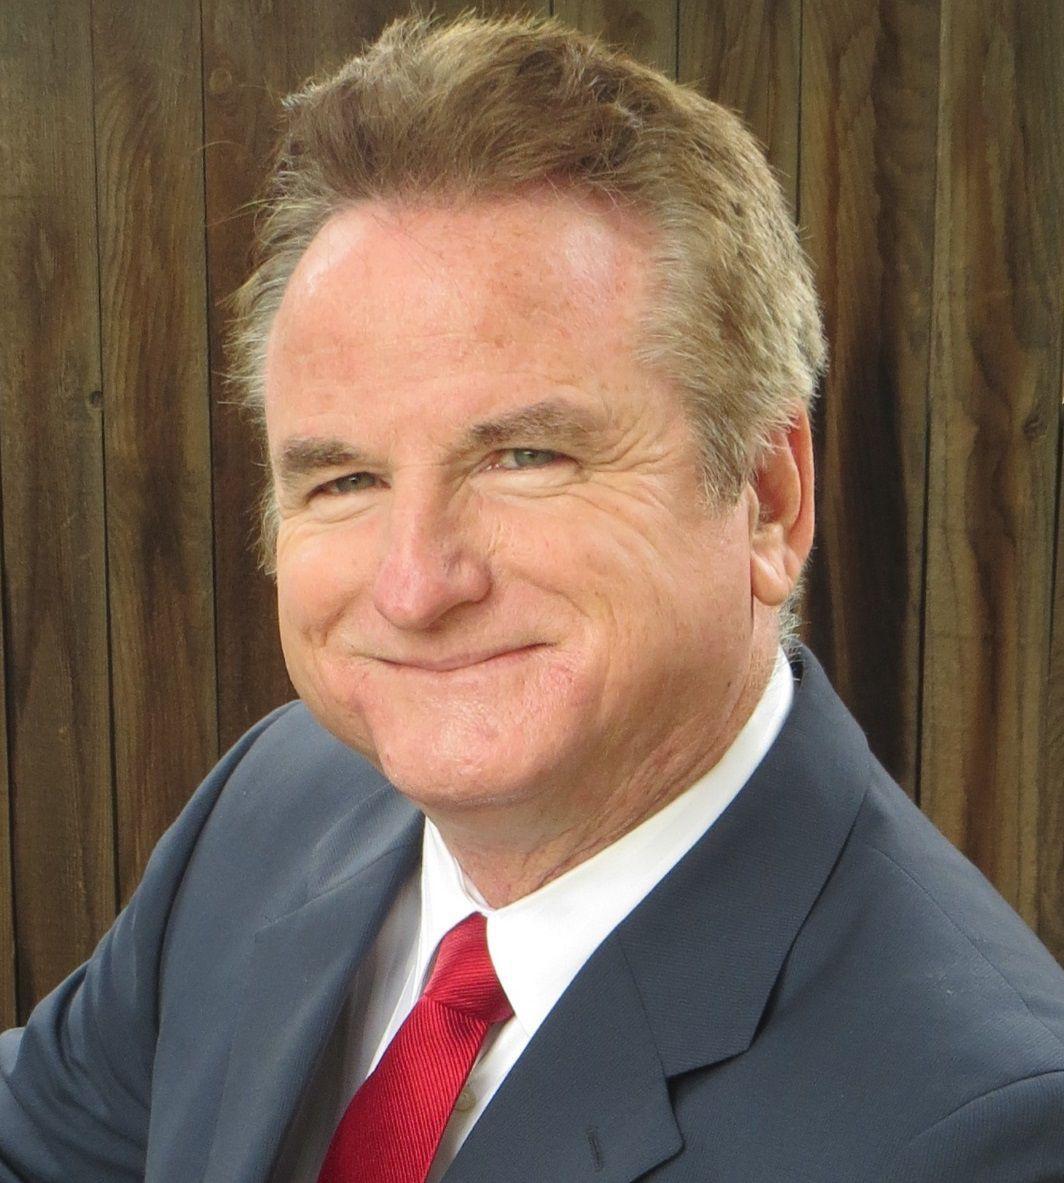 Larry Koman